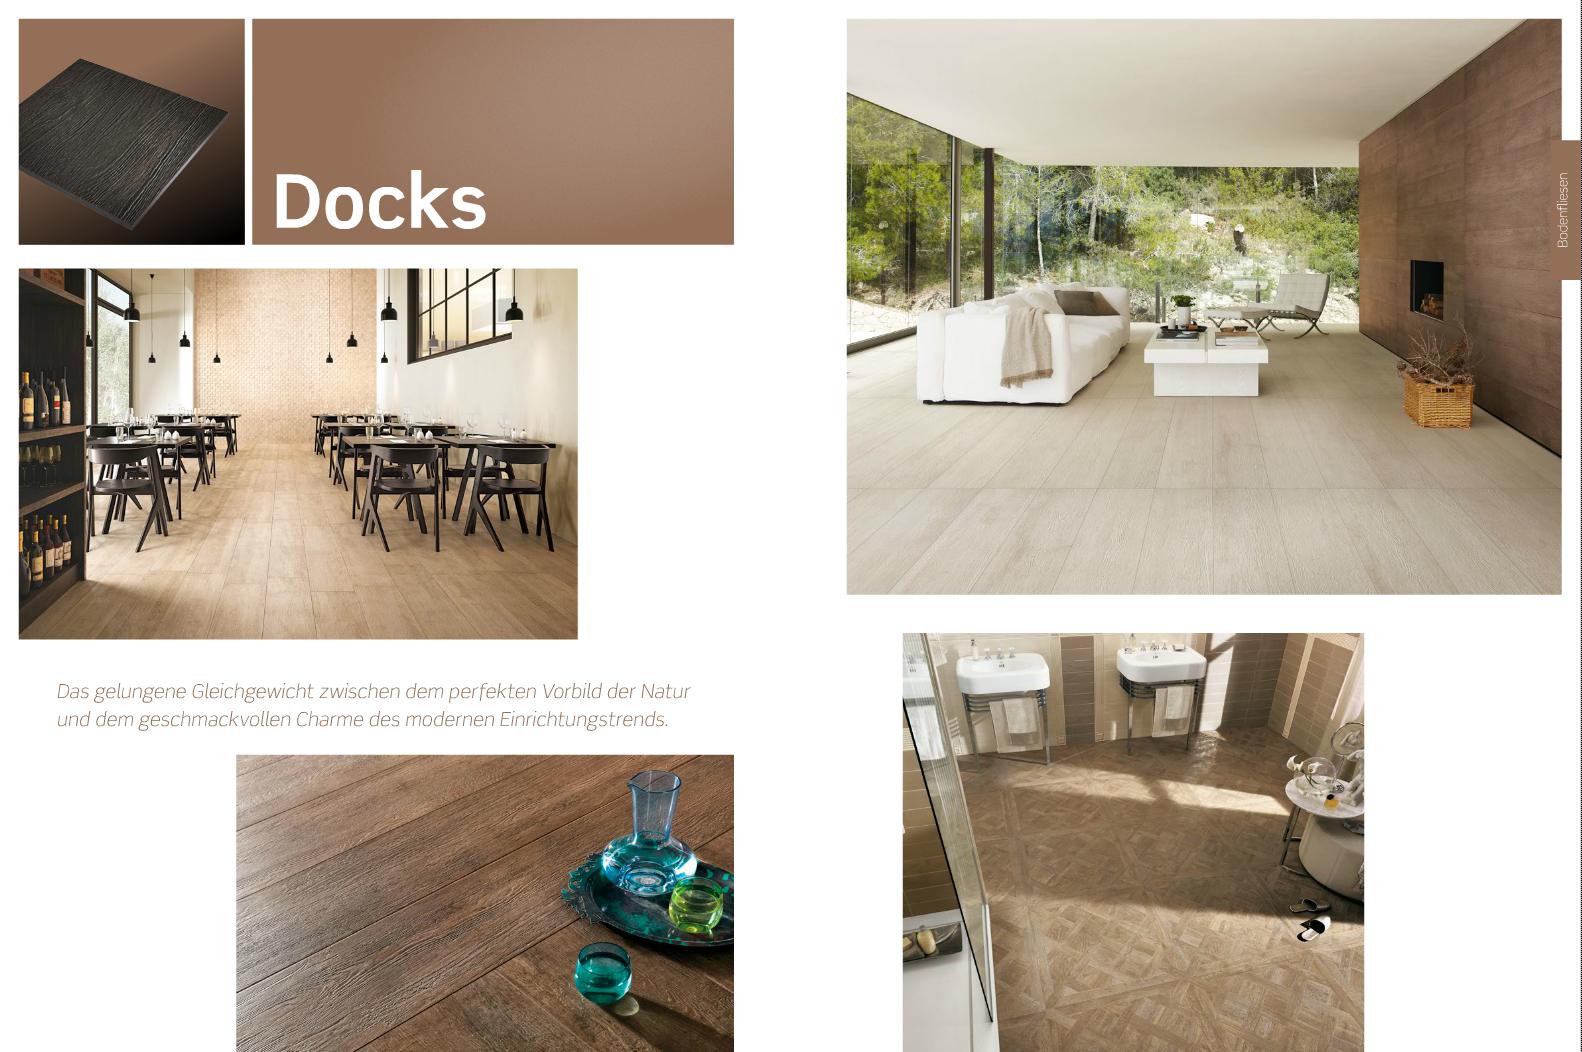 Bodenfliese Docks